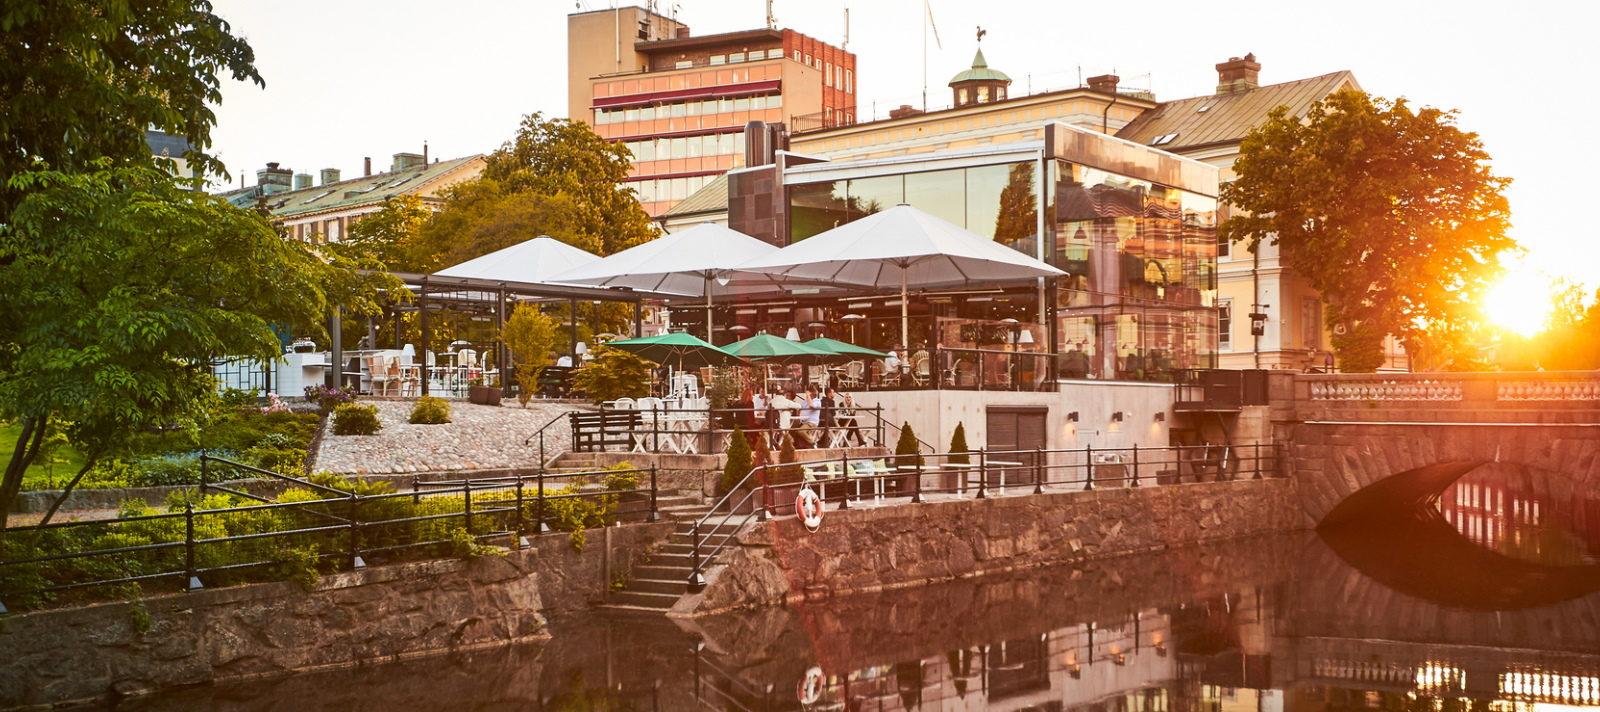 Västerås Brasserie stadsparken_Pia Nordlander